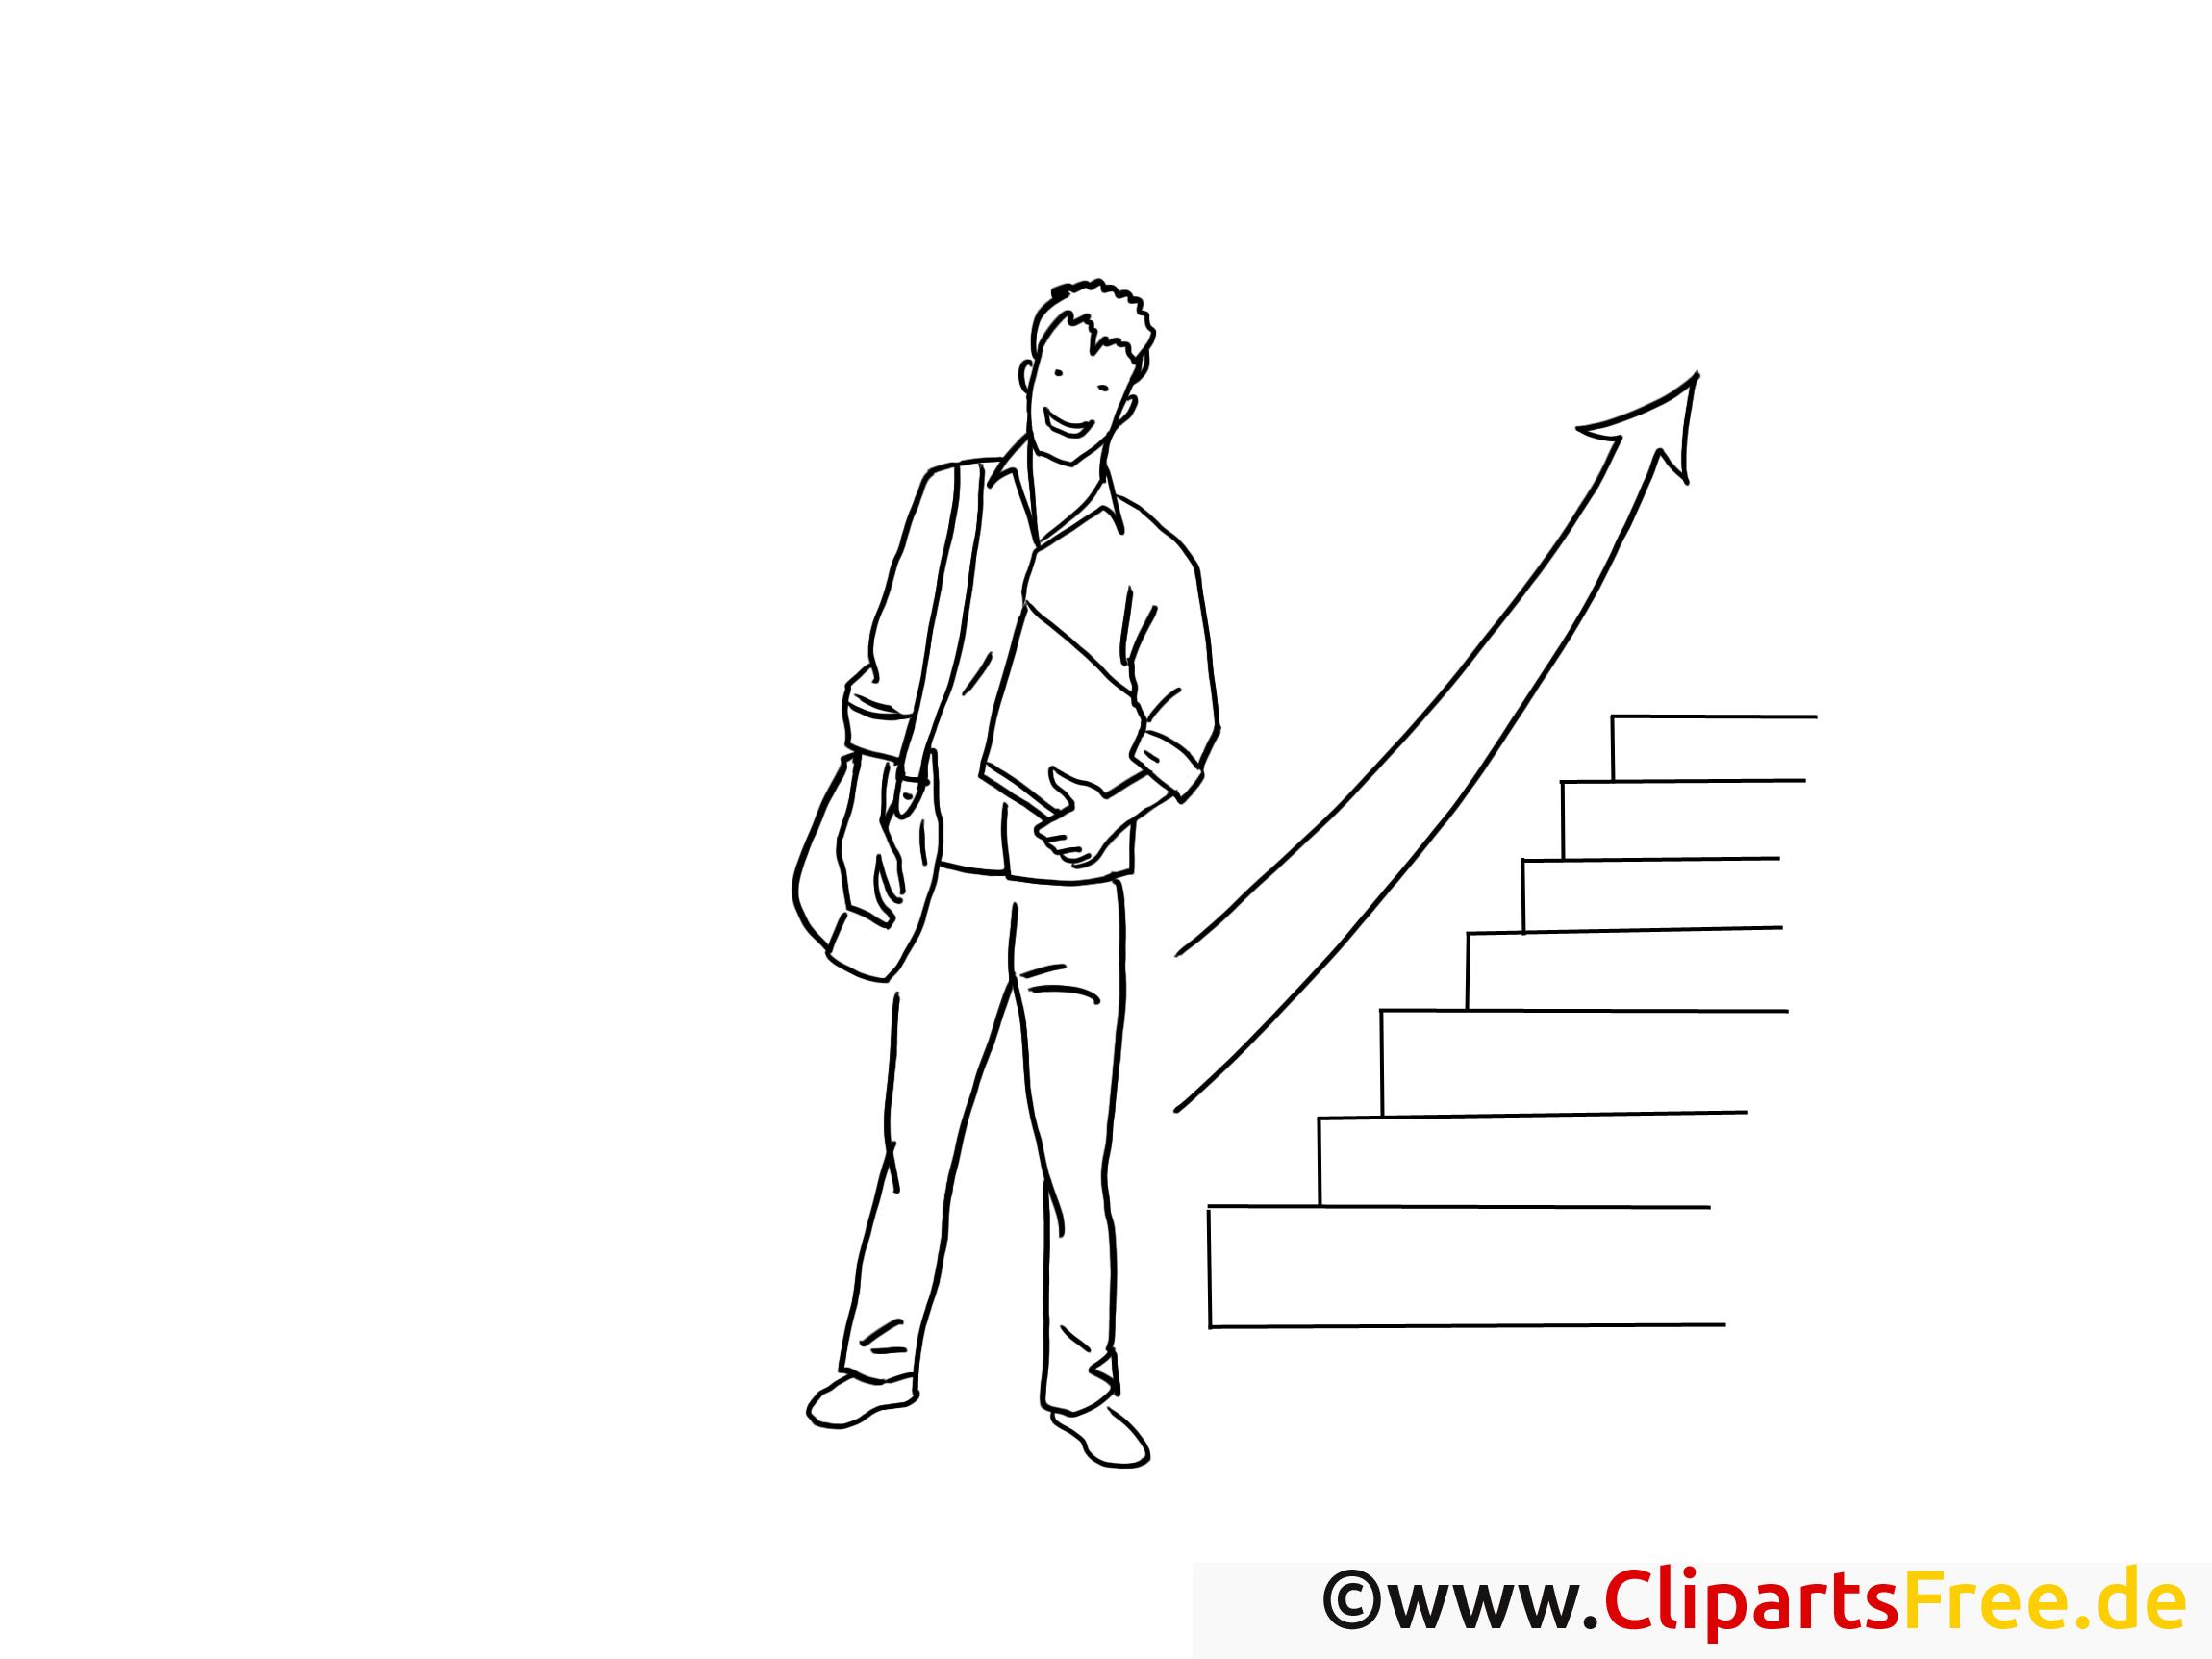 Aufstieg Schwarz-weiss Clipart-Bilder zum Drucken und Ausmalen (